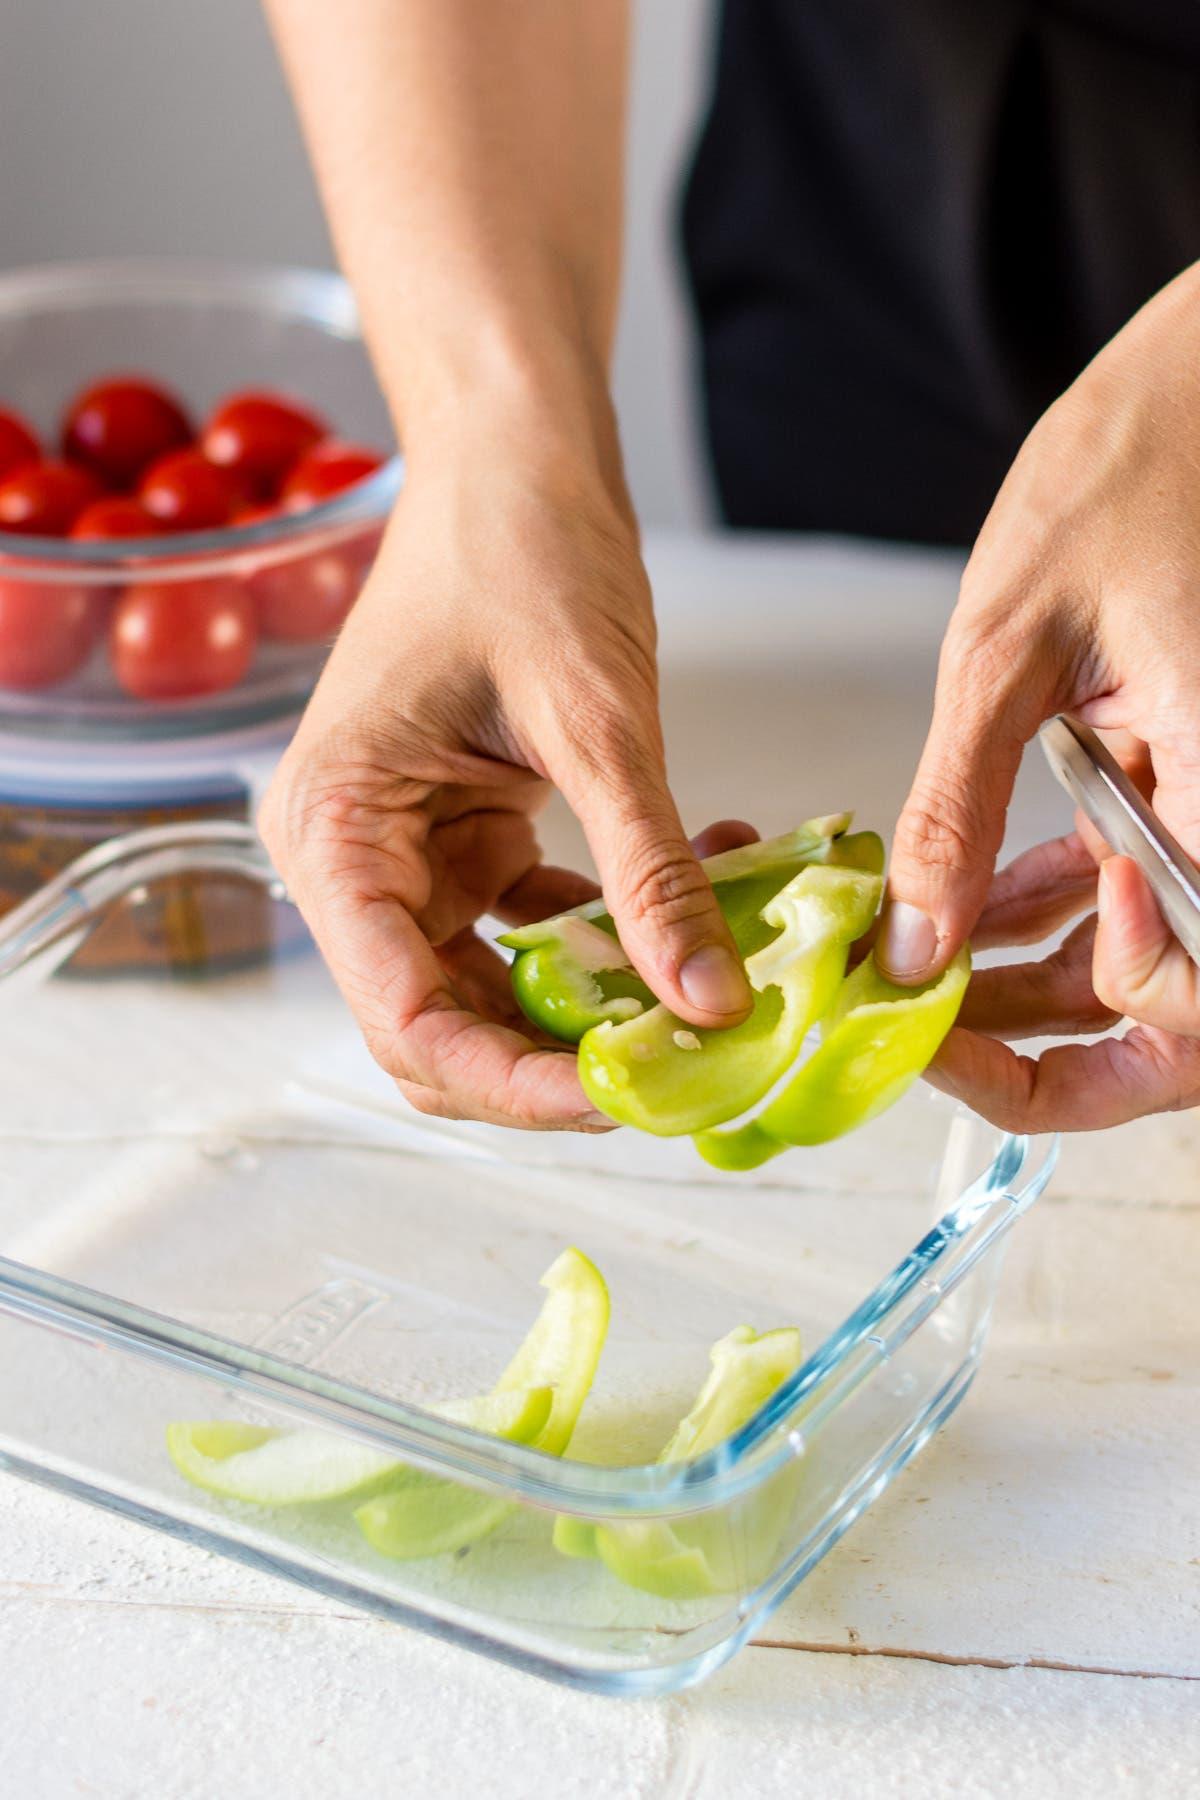 Hände, die grüne Paprika vorschneiden, um beim Kochen Zeit zu sparen